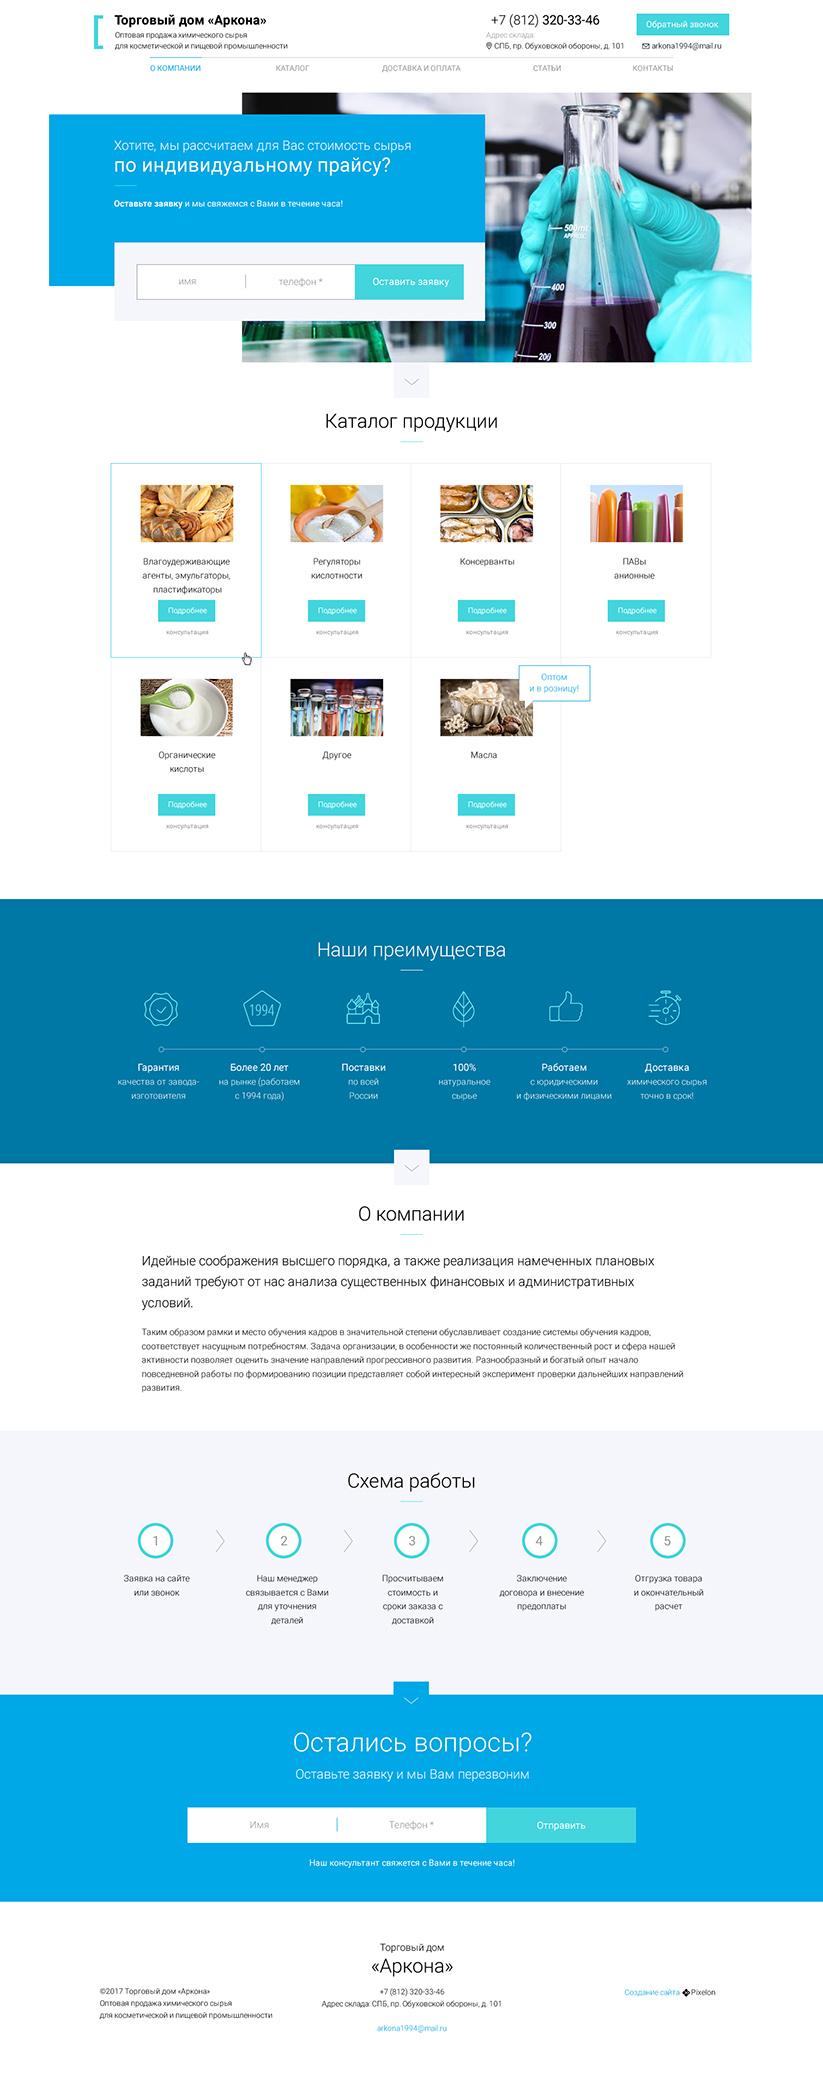 88 заказать контакты портфолио компании интернет реклама поисковое продвижение интернет реклама браузер хром от гугл